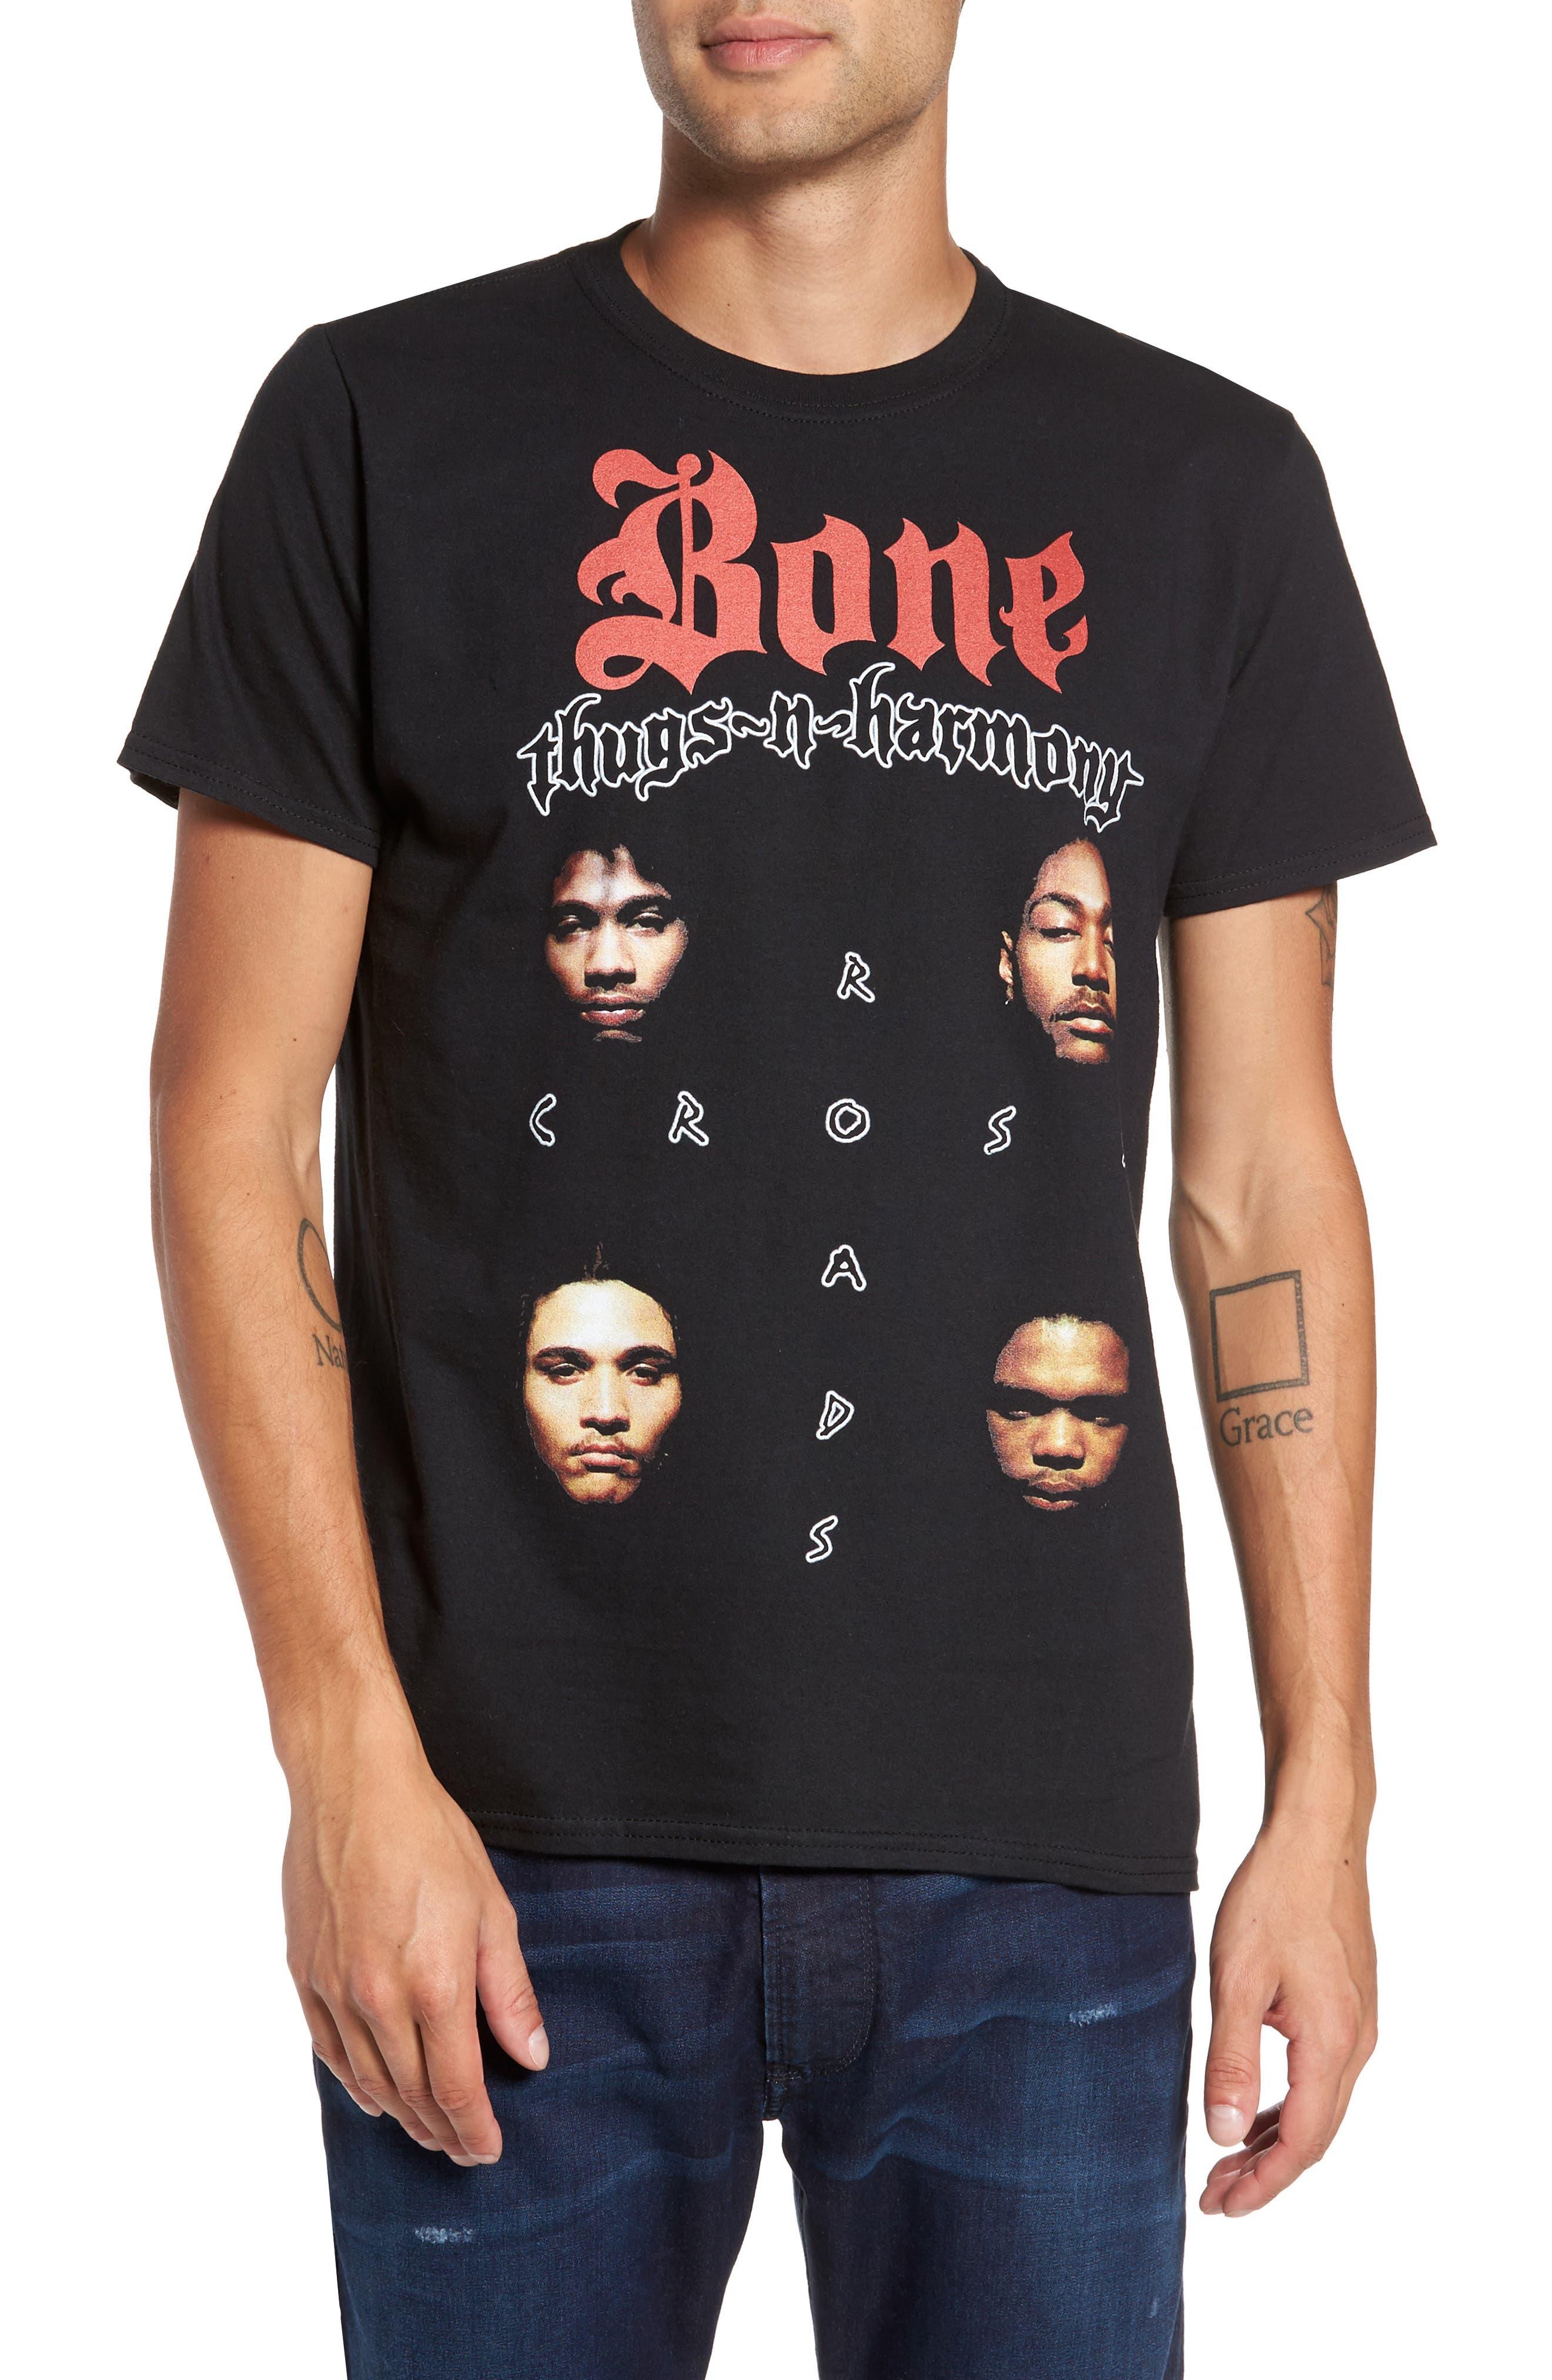 The Rail Bone Thugs-n-Harmony T-Shirt